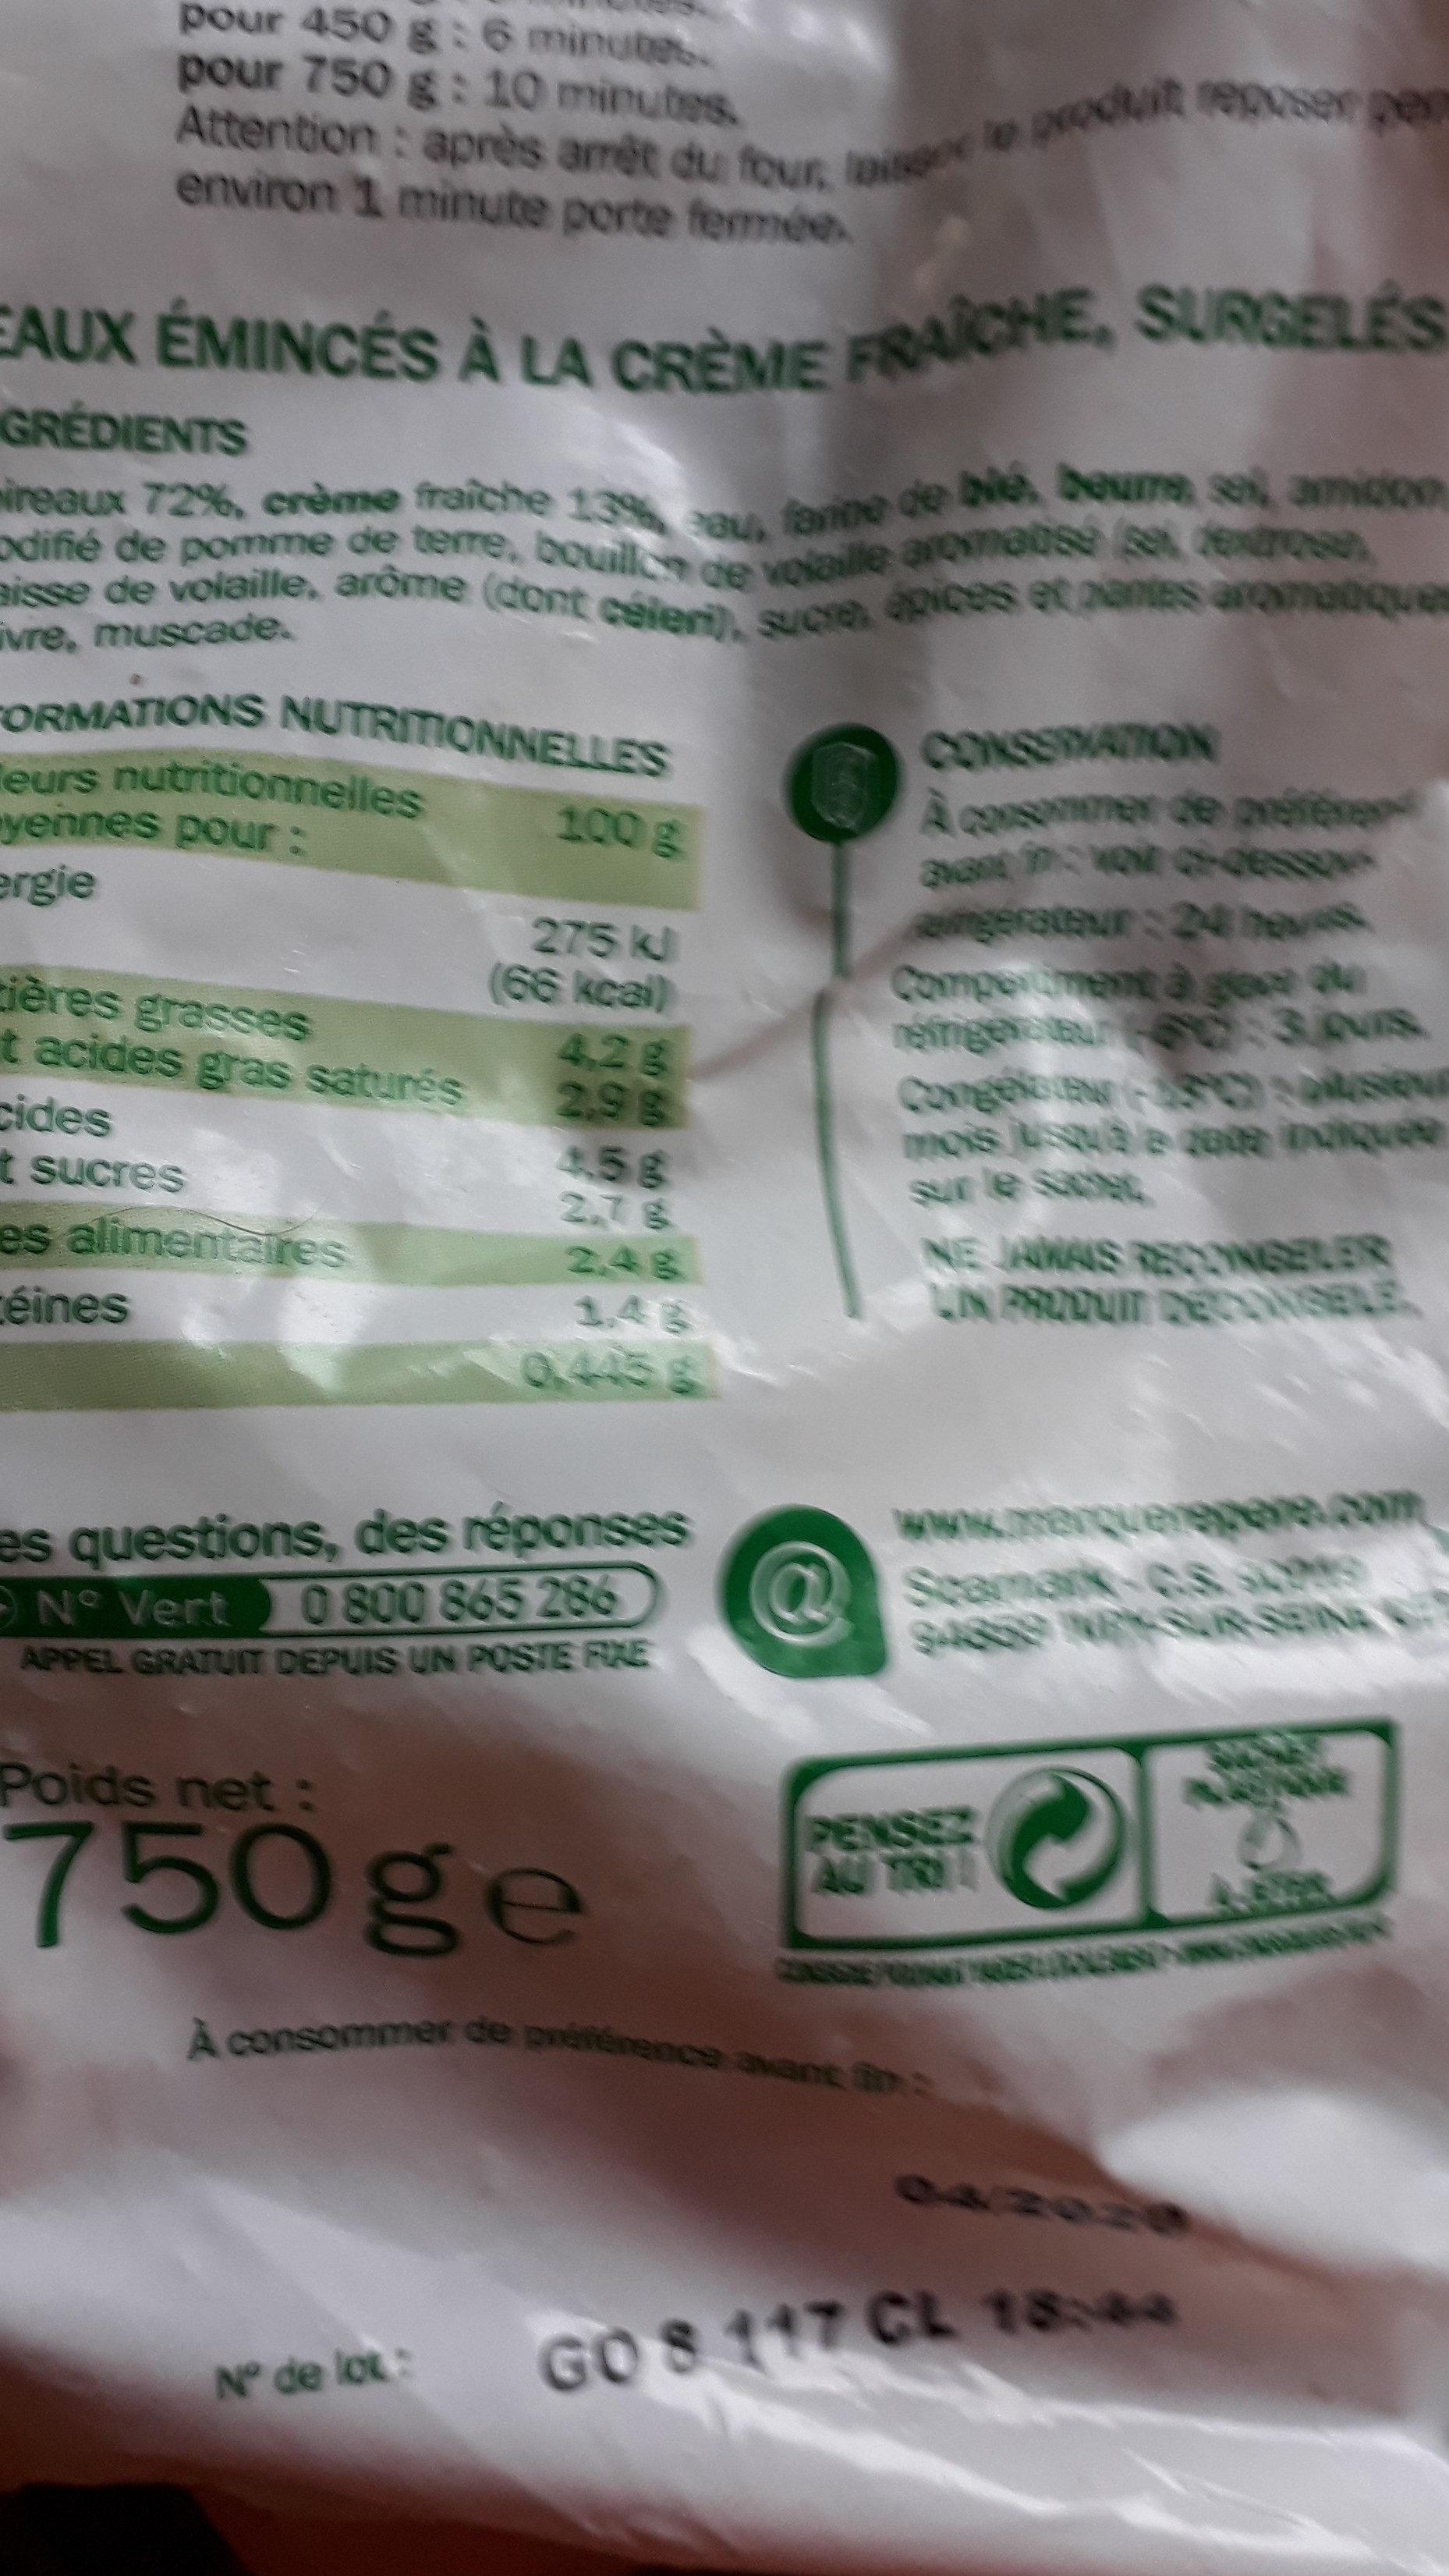 poireaux émincés à la crème  fraîche - Product